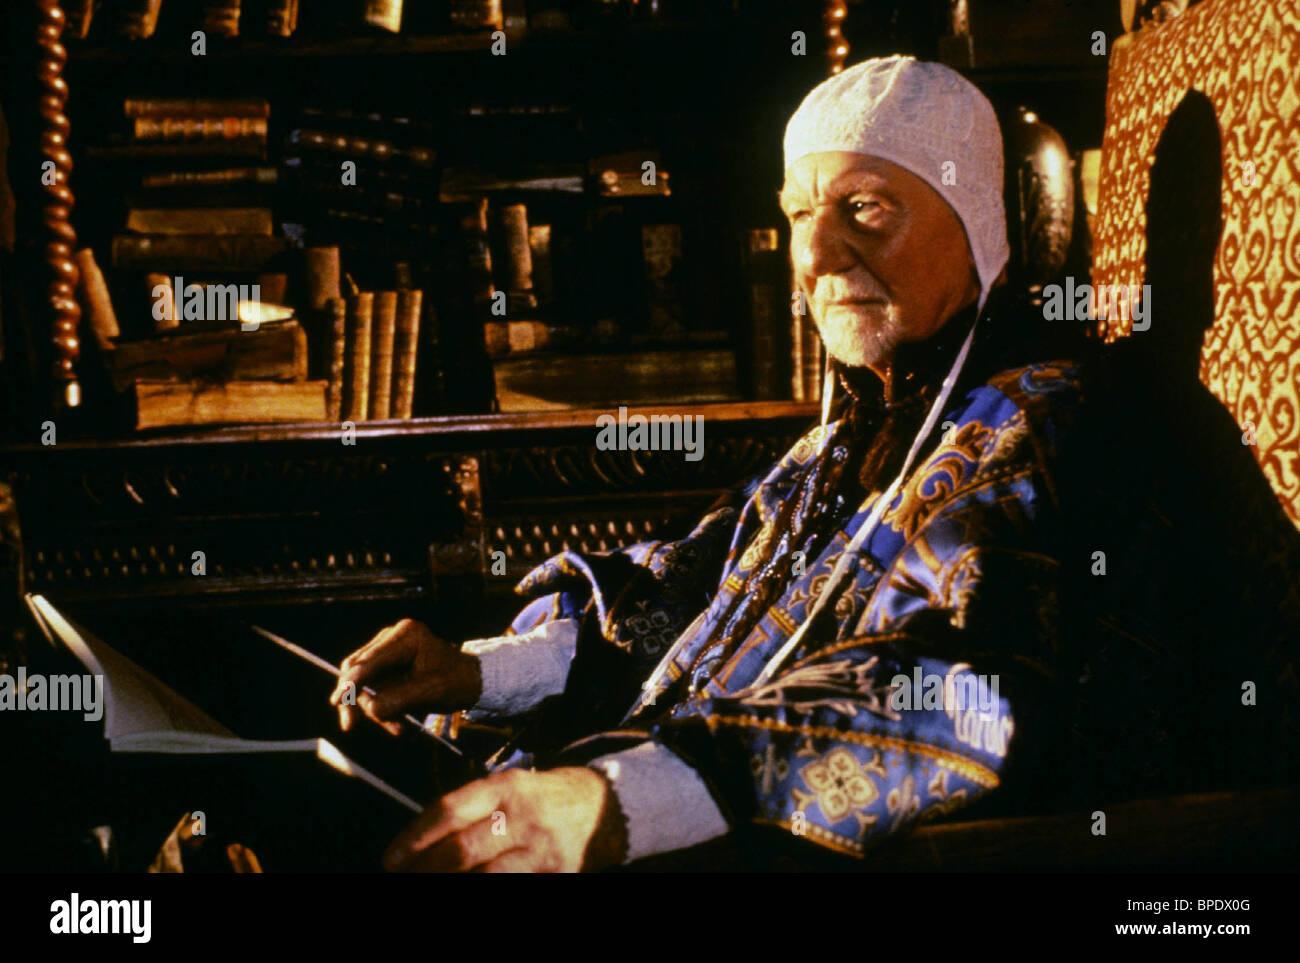 SIR JOHN GIELGUD PROSPERO'S BOOKS (1991) - Stock Image